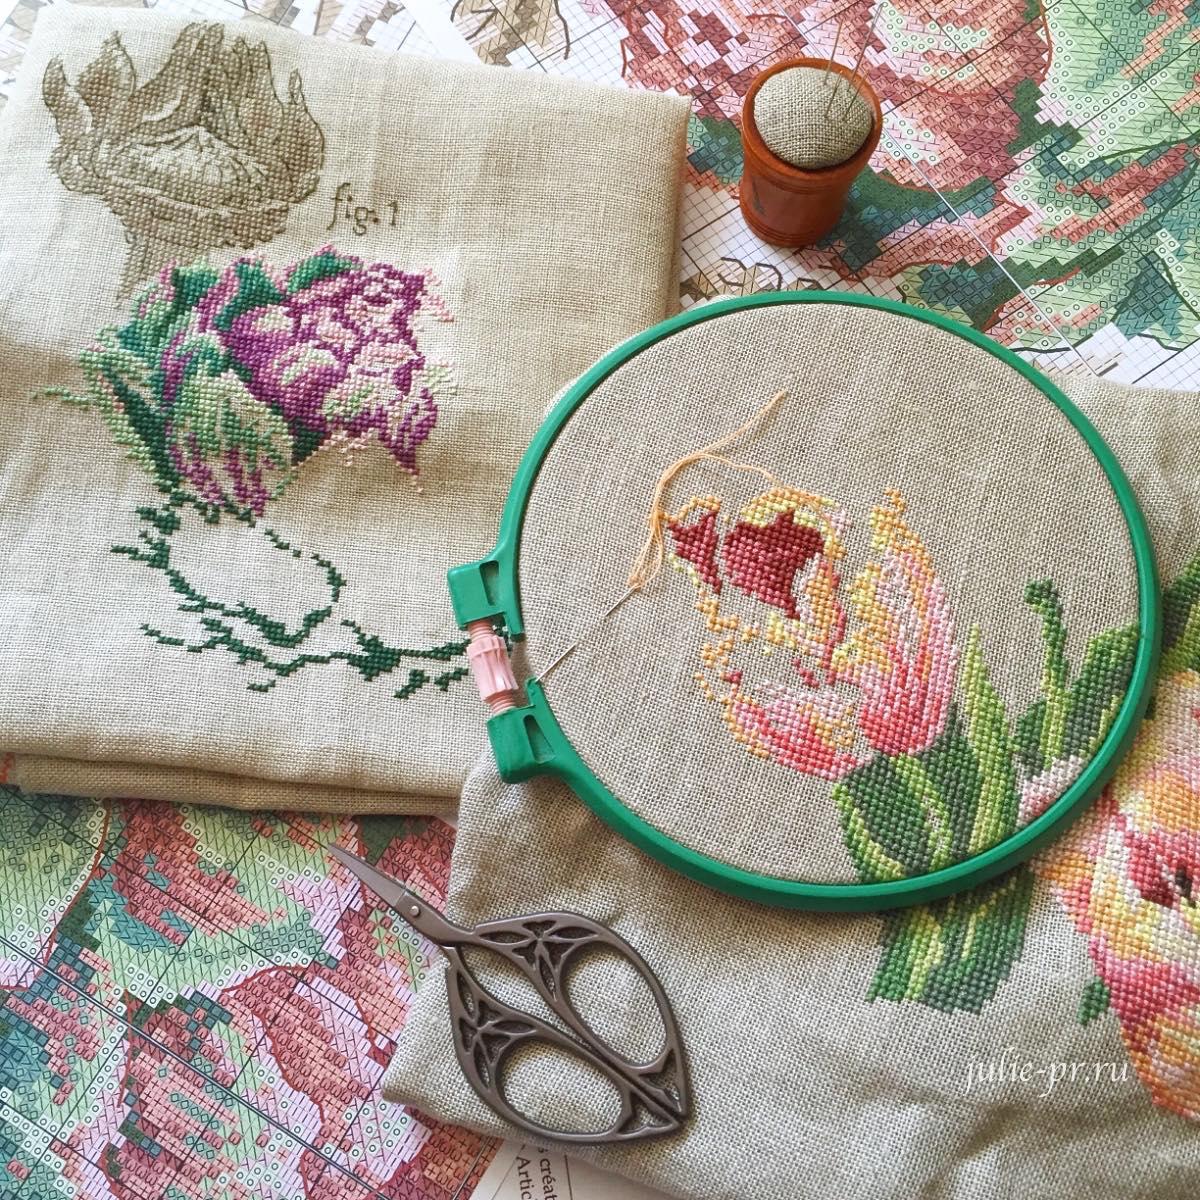 ботаника, вышивка крестом, тюльпан, артишок, Парижские вышивальщицы, Veronique Enginger, Les brodeuses parisiennes